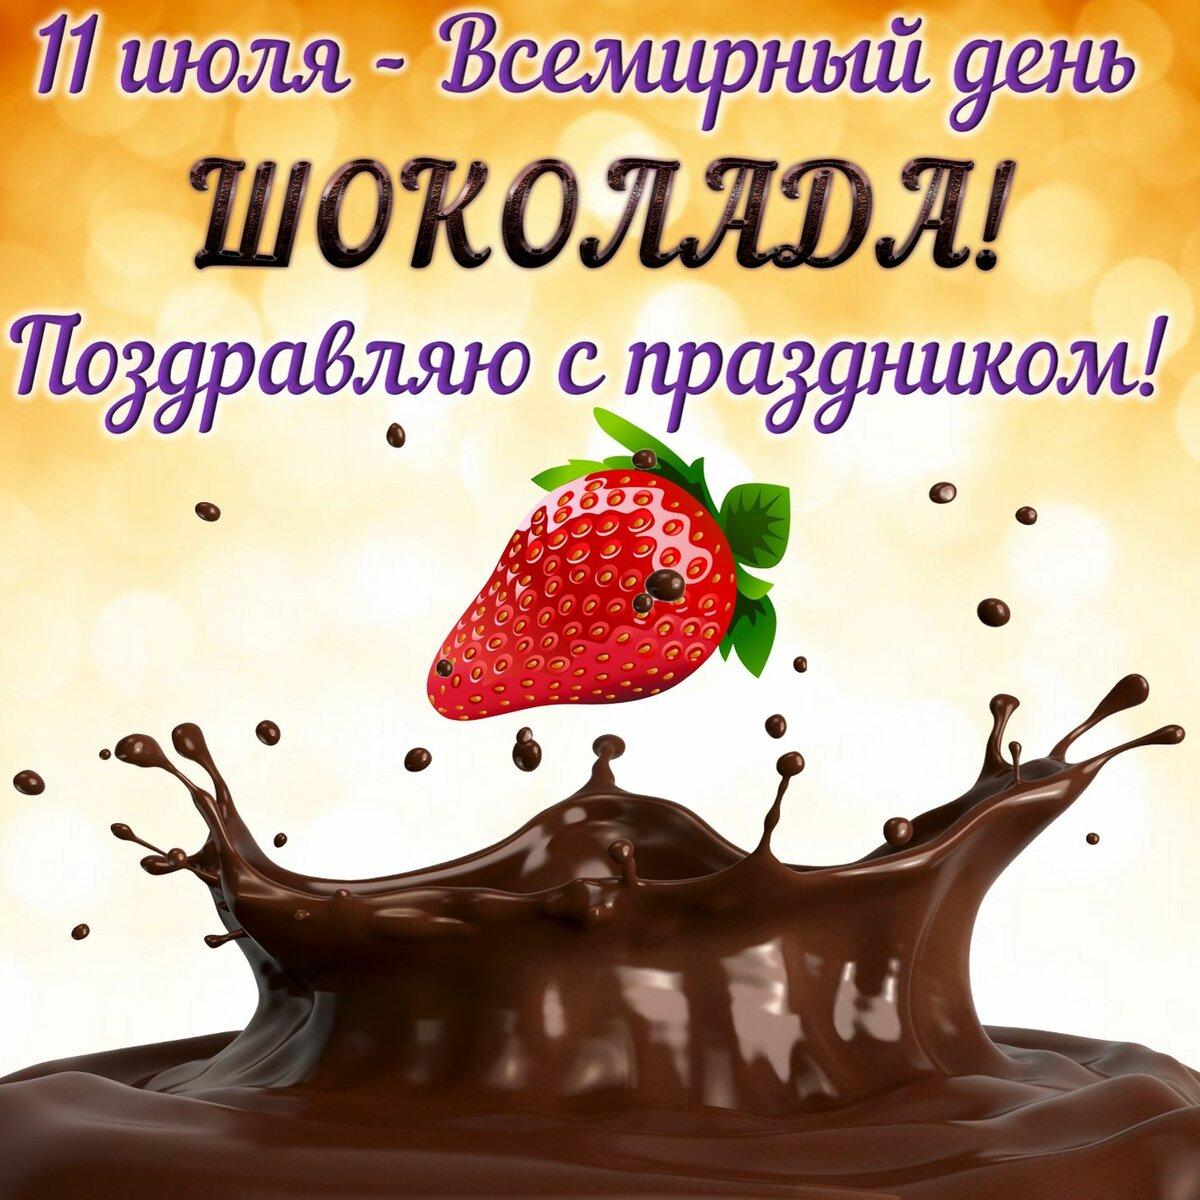 С днем шоколад прикольные картинки